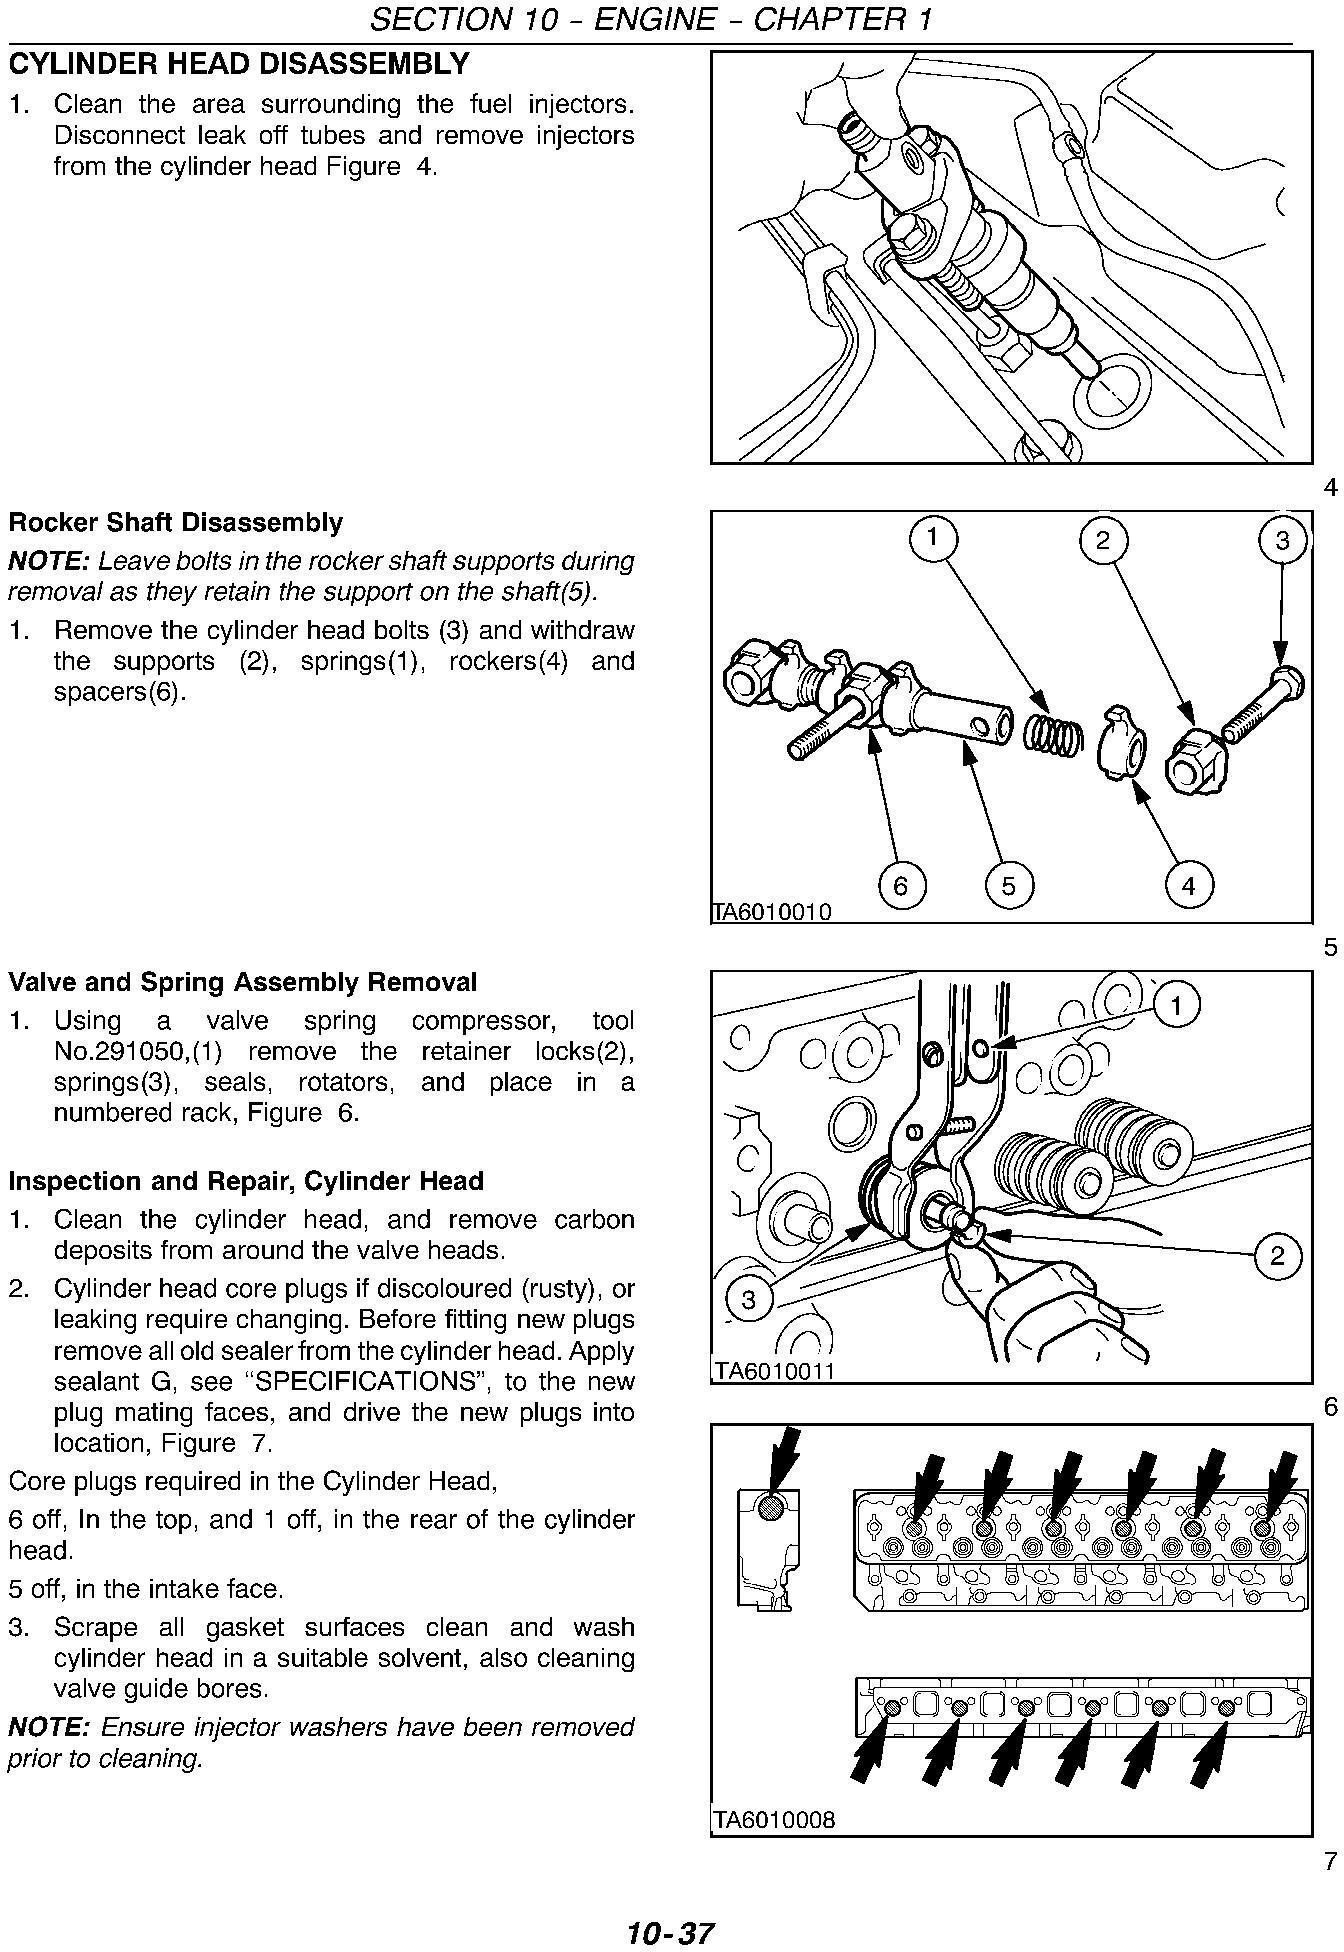 New Holland TM115, TM125, TM135, TM150, TM165 Tractor Comlete Service Manual - 2